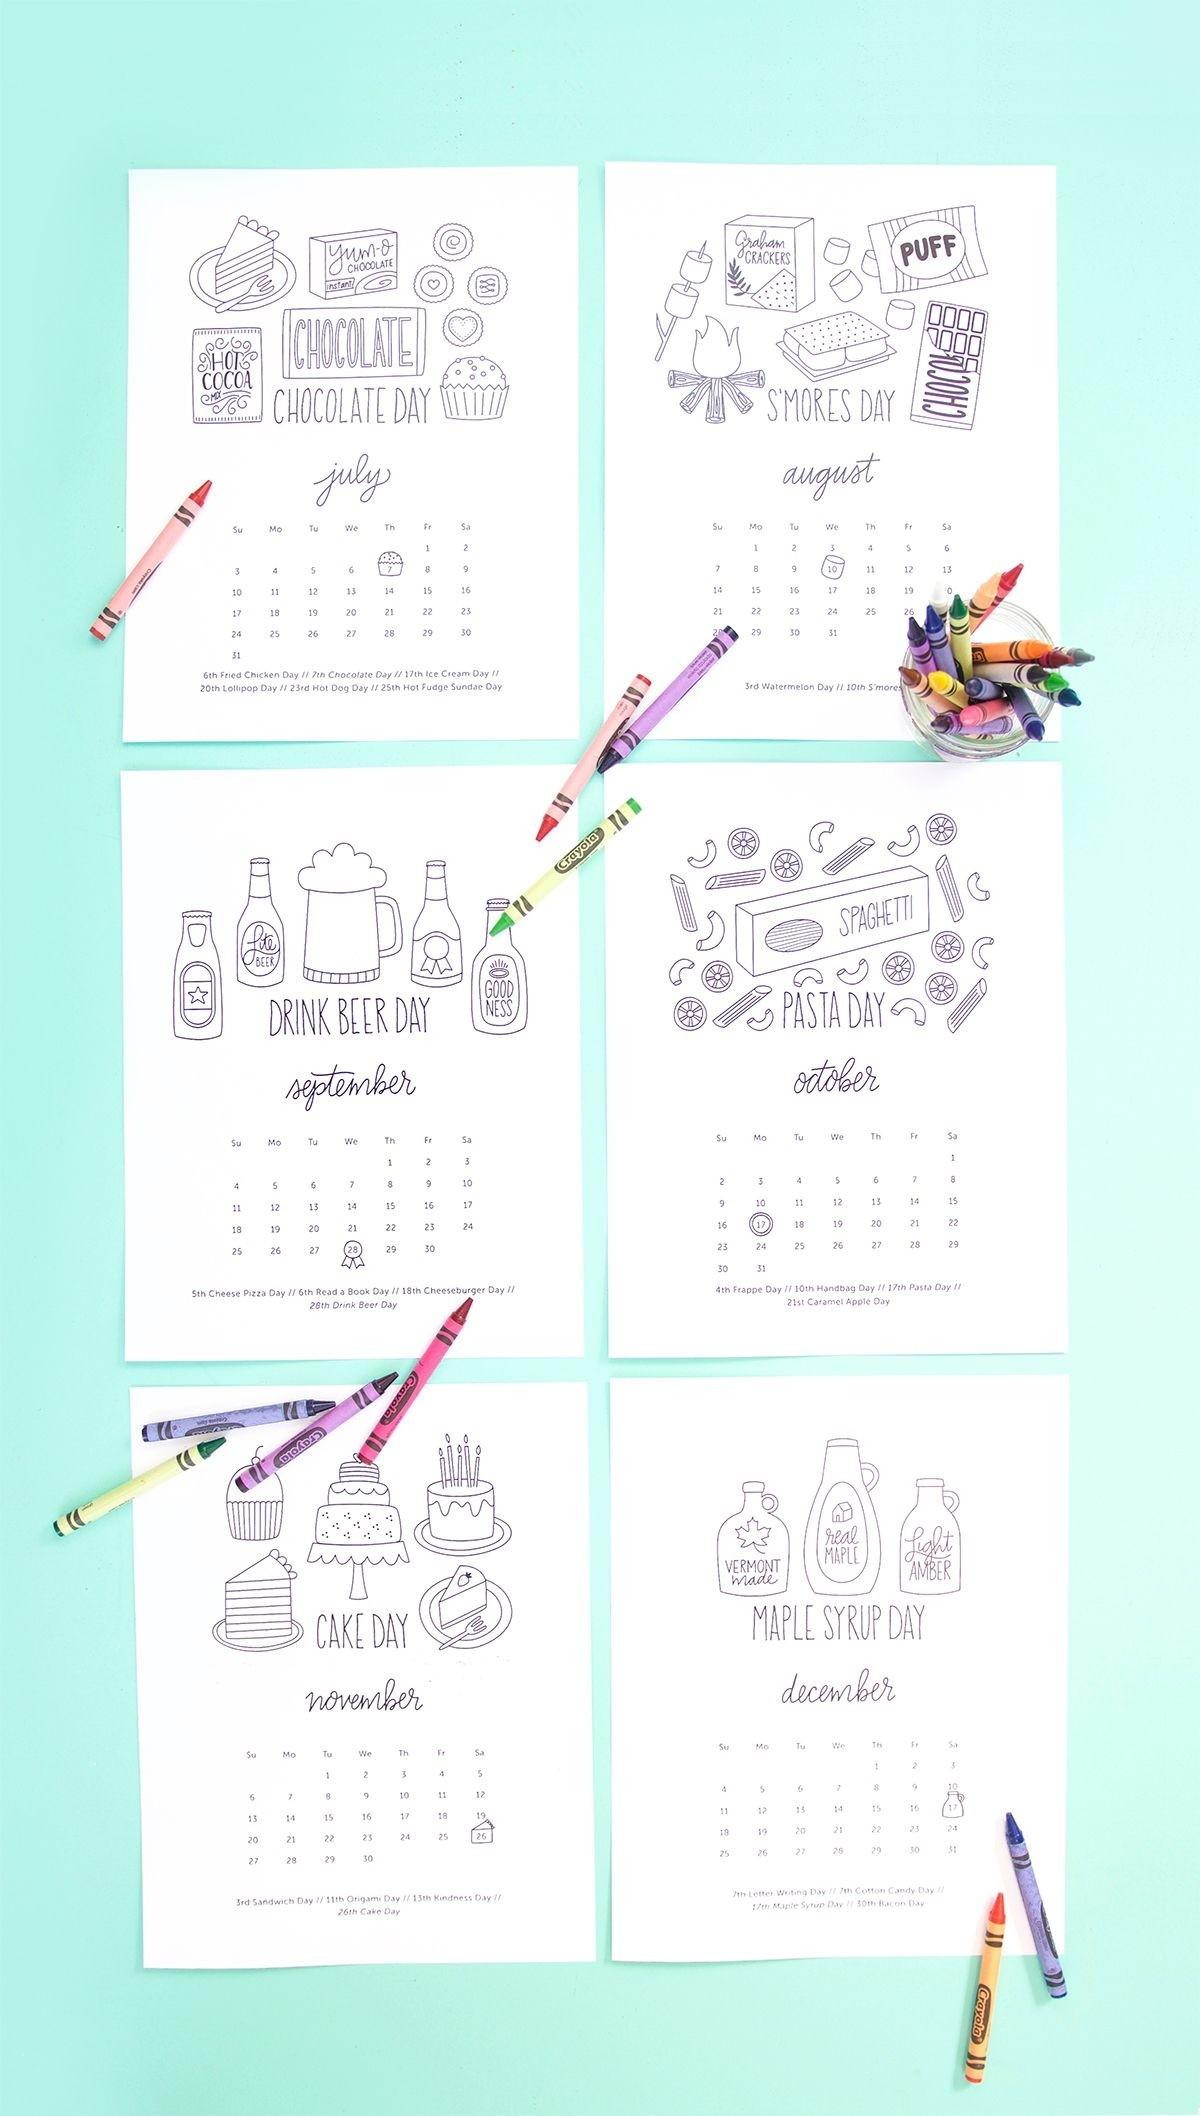 March Calendar Calligraphy Más Recientes Calendar Coloring Beautiful Image Free Printable Picture Schedule Of March Calendar Calligraphy Más Recientes 007 Blank Calendar Printable Template March Excel Uohrjx Tweyig Free